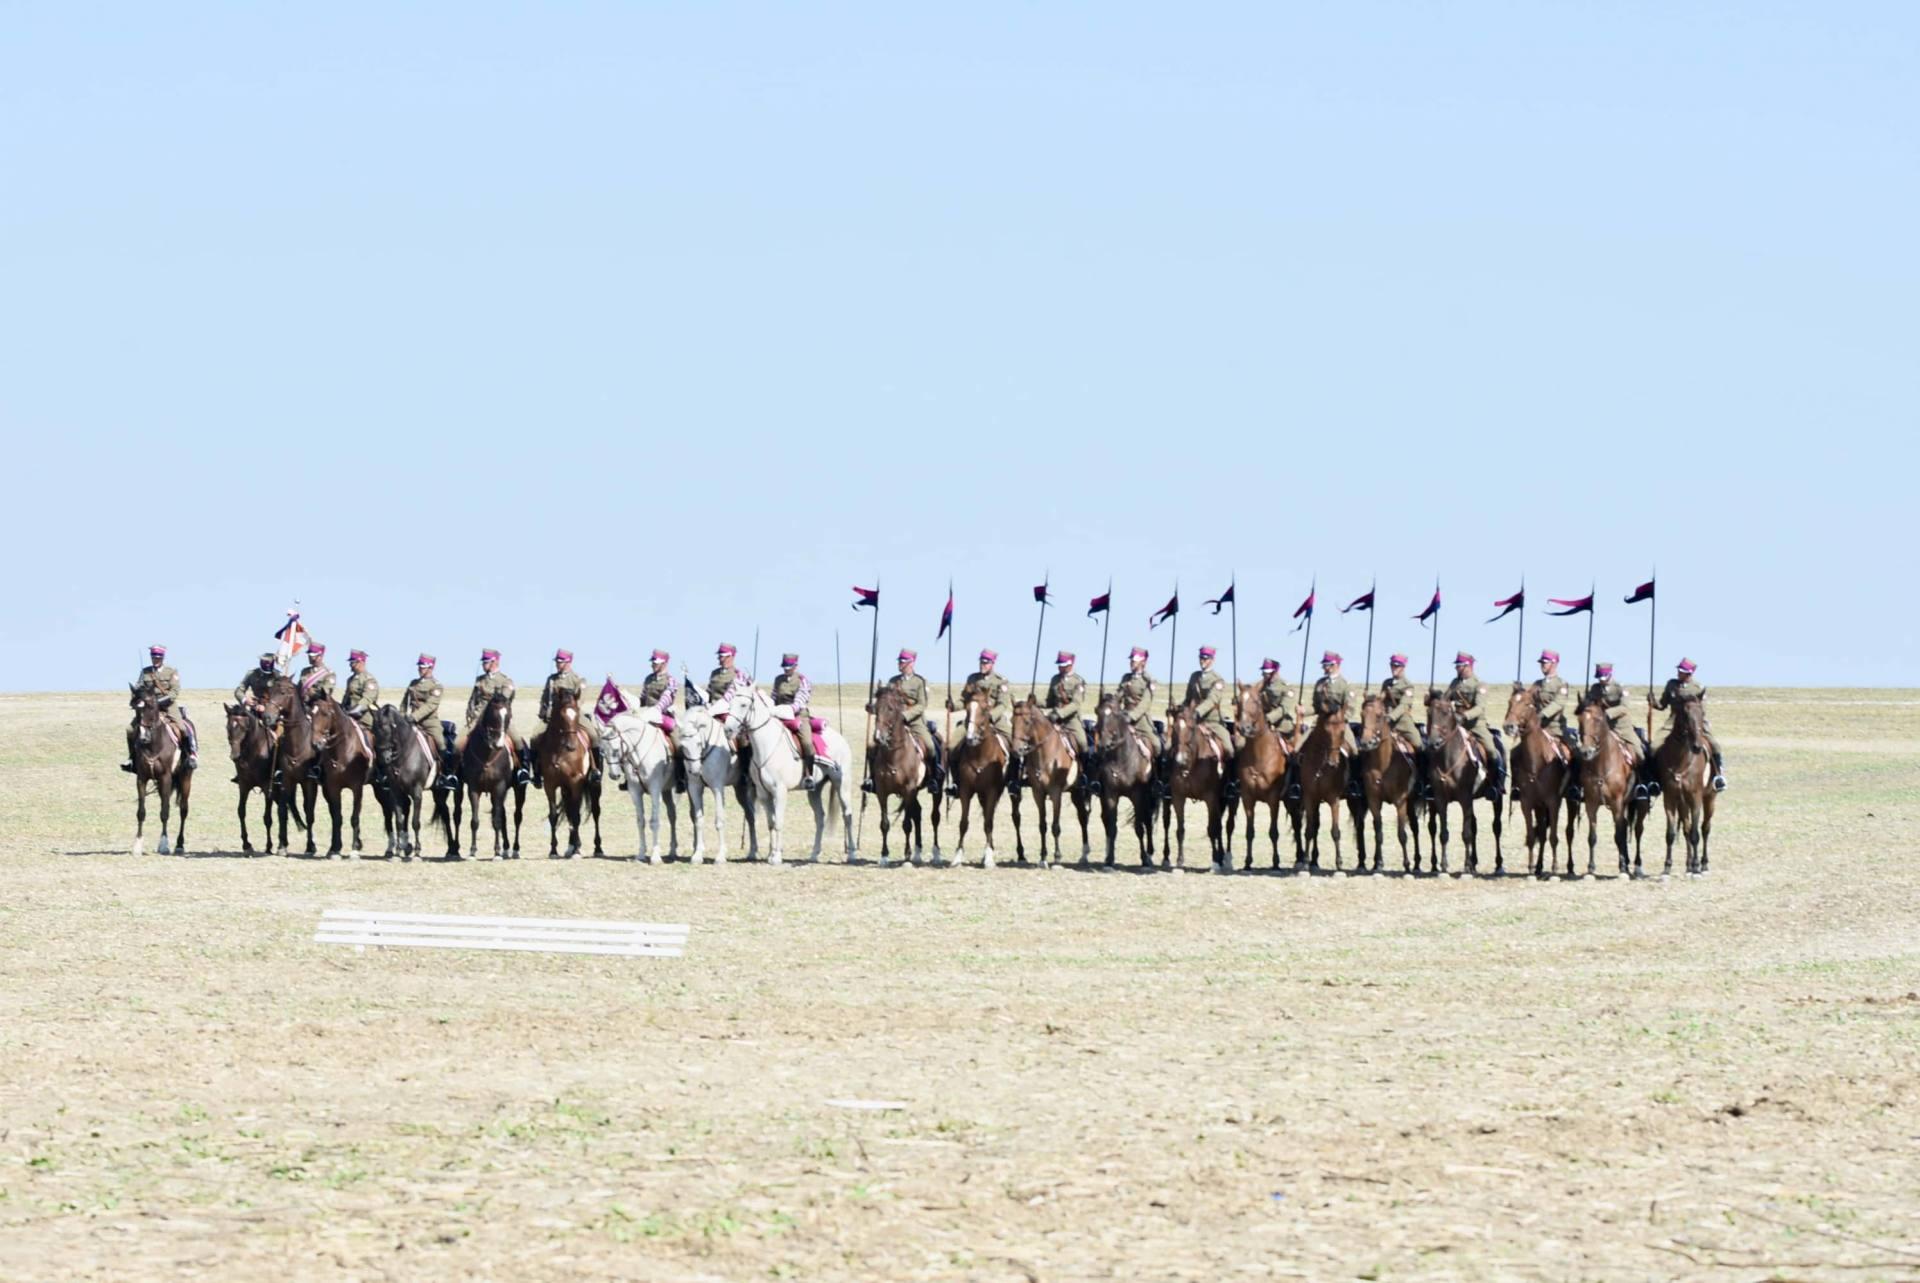 dsc 0744 Czas szabli - 100 rocznica bitwy pod Komarowem(zdjęcia)